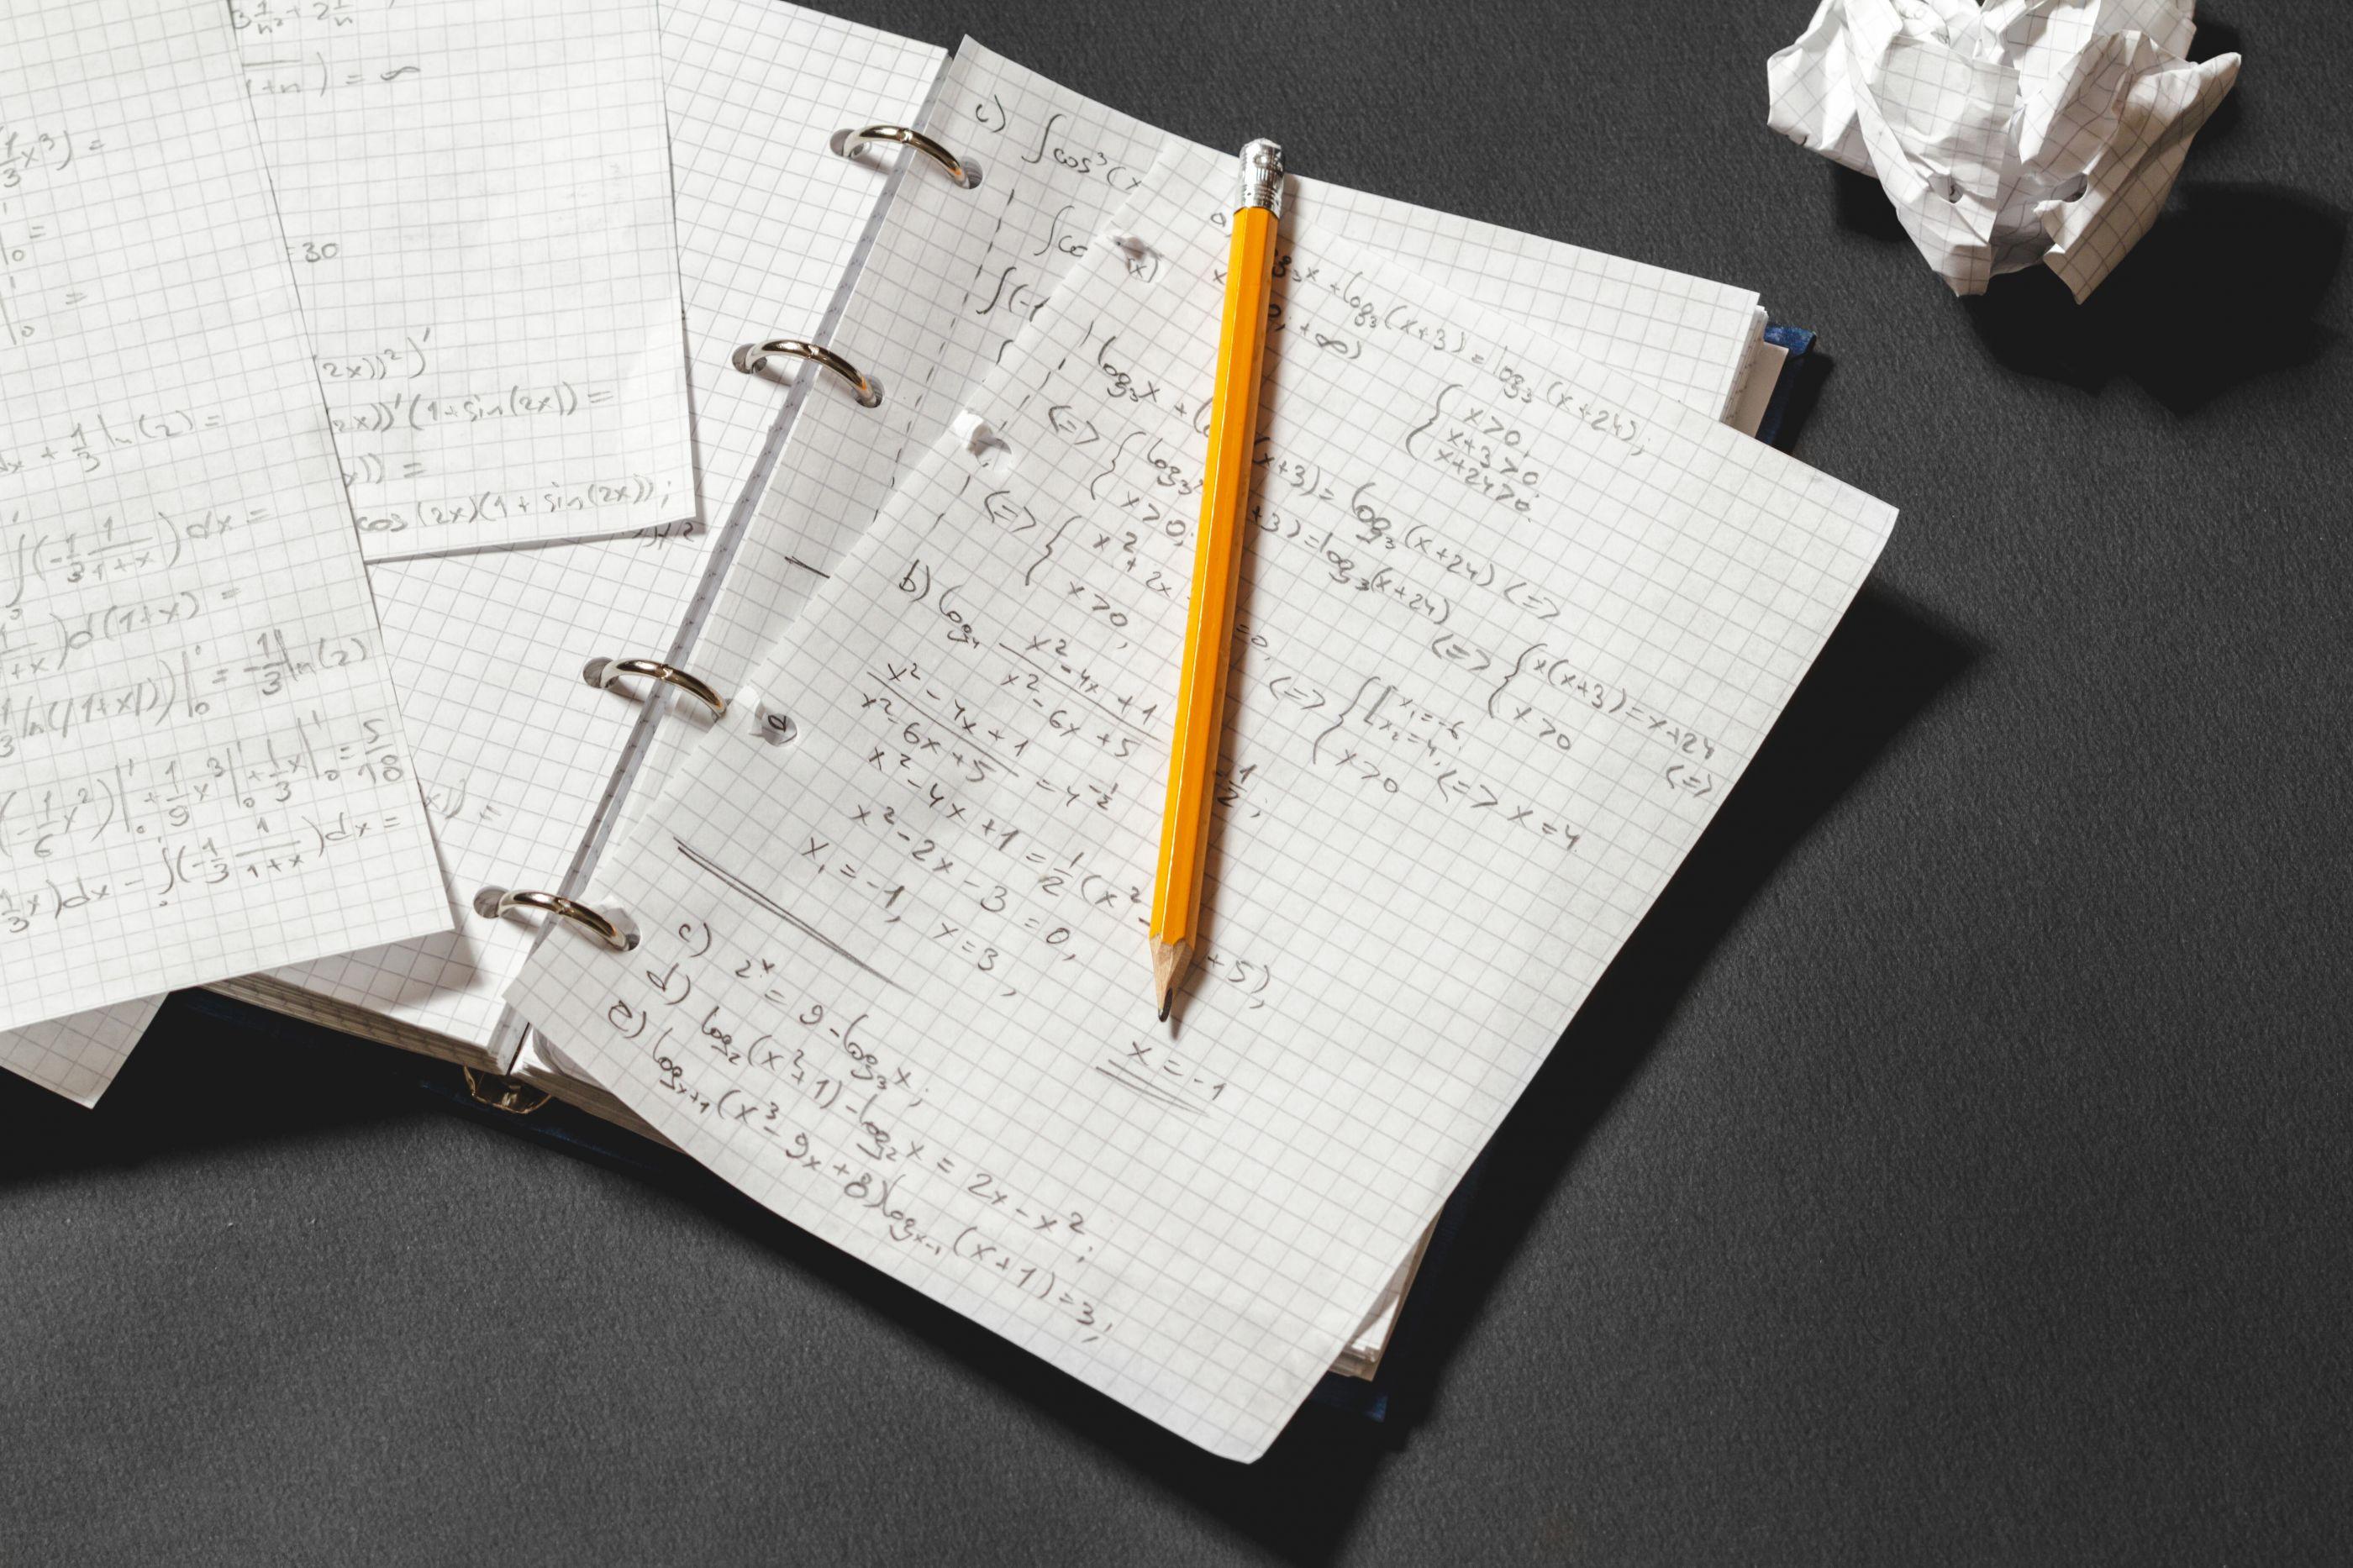 Criança liga para número de emergência para resolver problema matemático